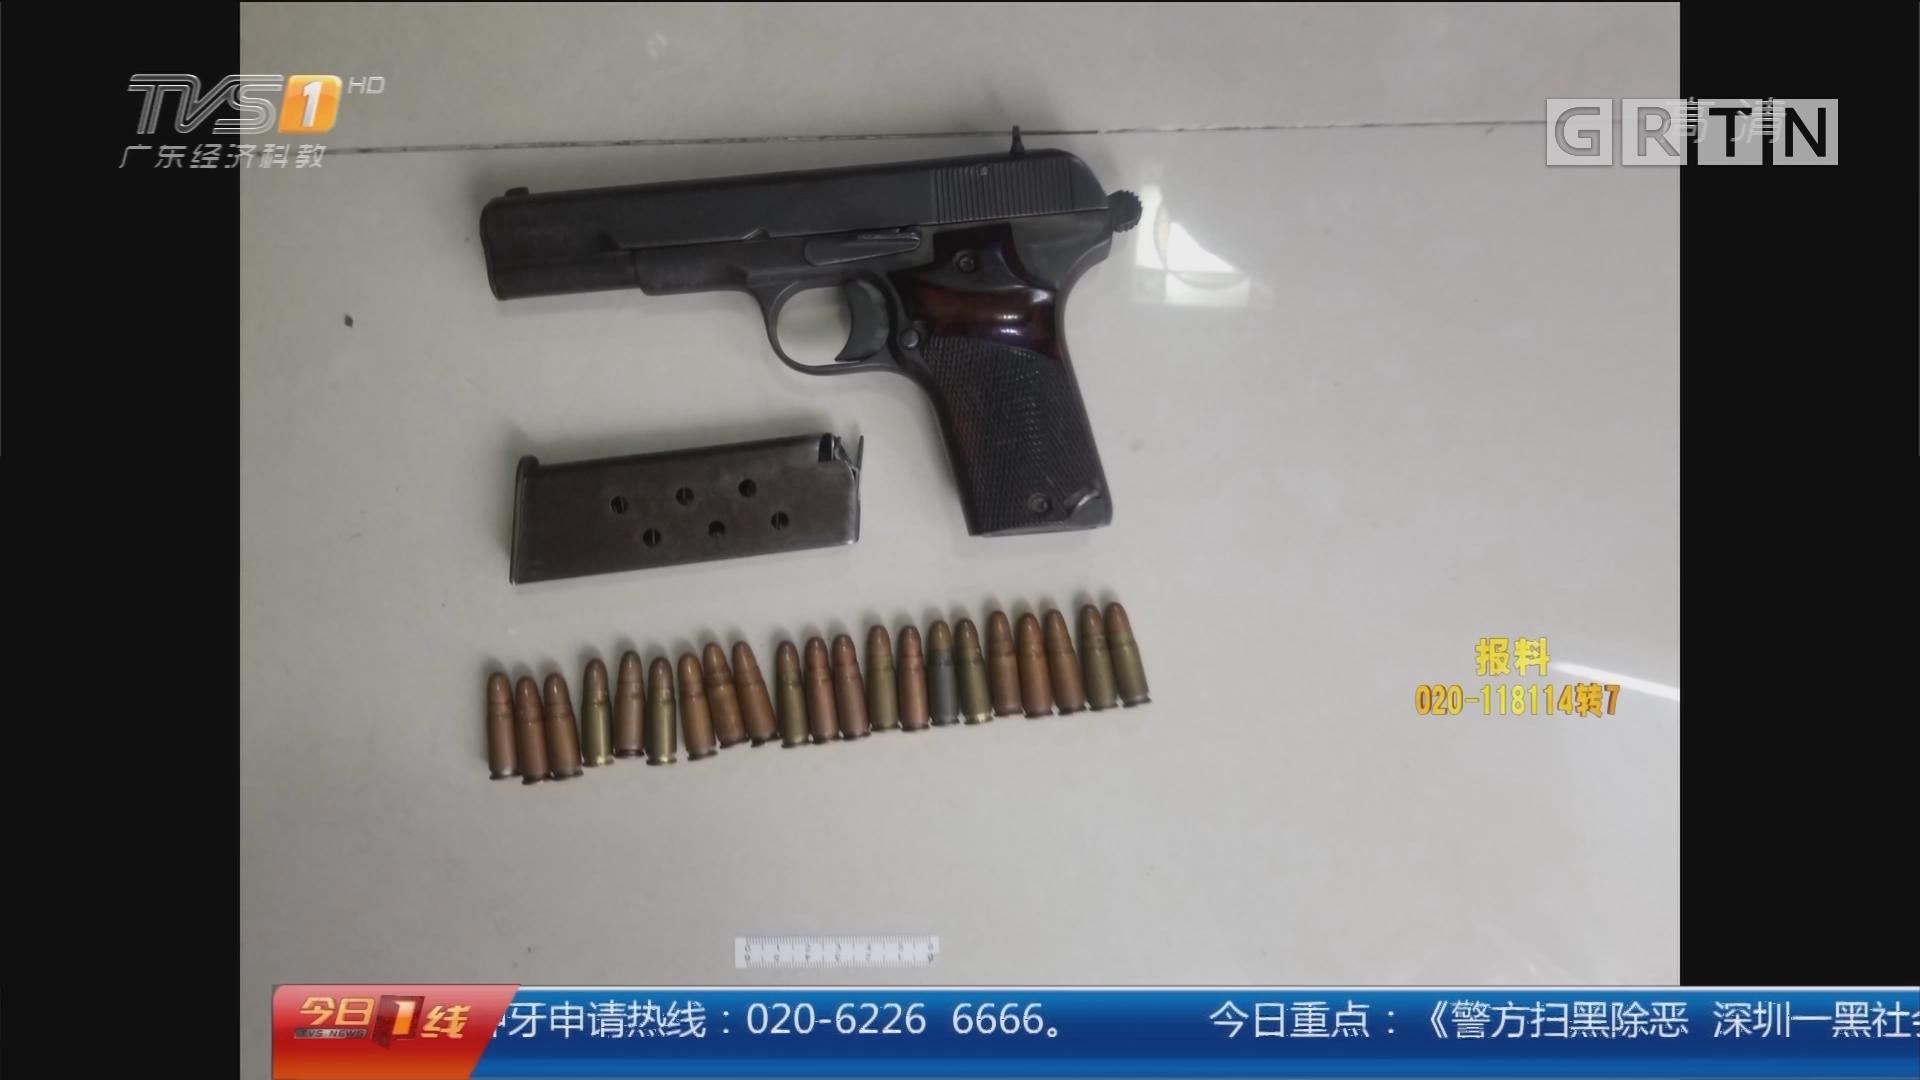 警方扫黑除恶行动:深圳 一黑社会性质犯罪组织覆灭 涉案超10亿